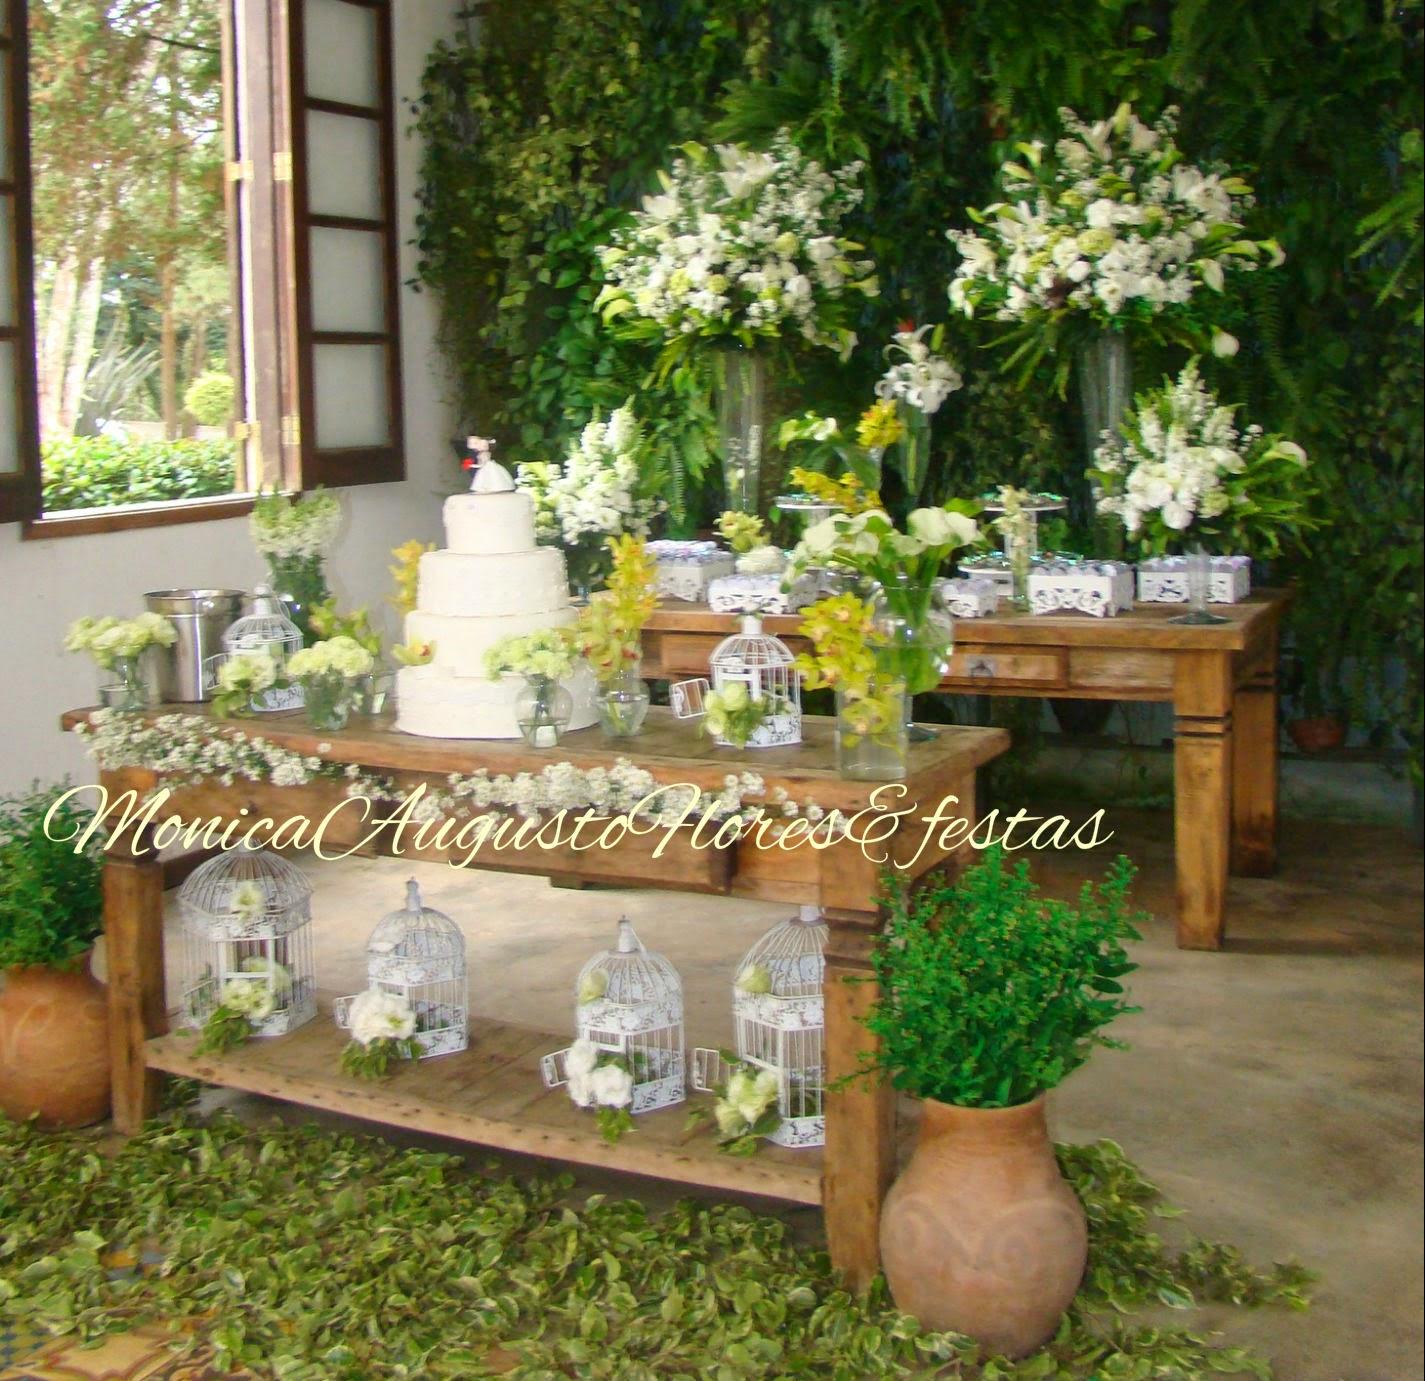 de monicaaugusto monica augusto flores amp festas festa em flores